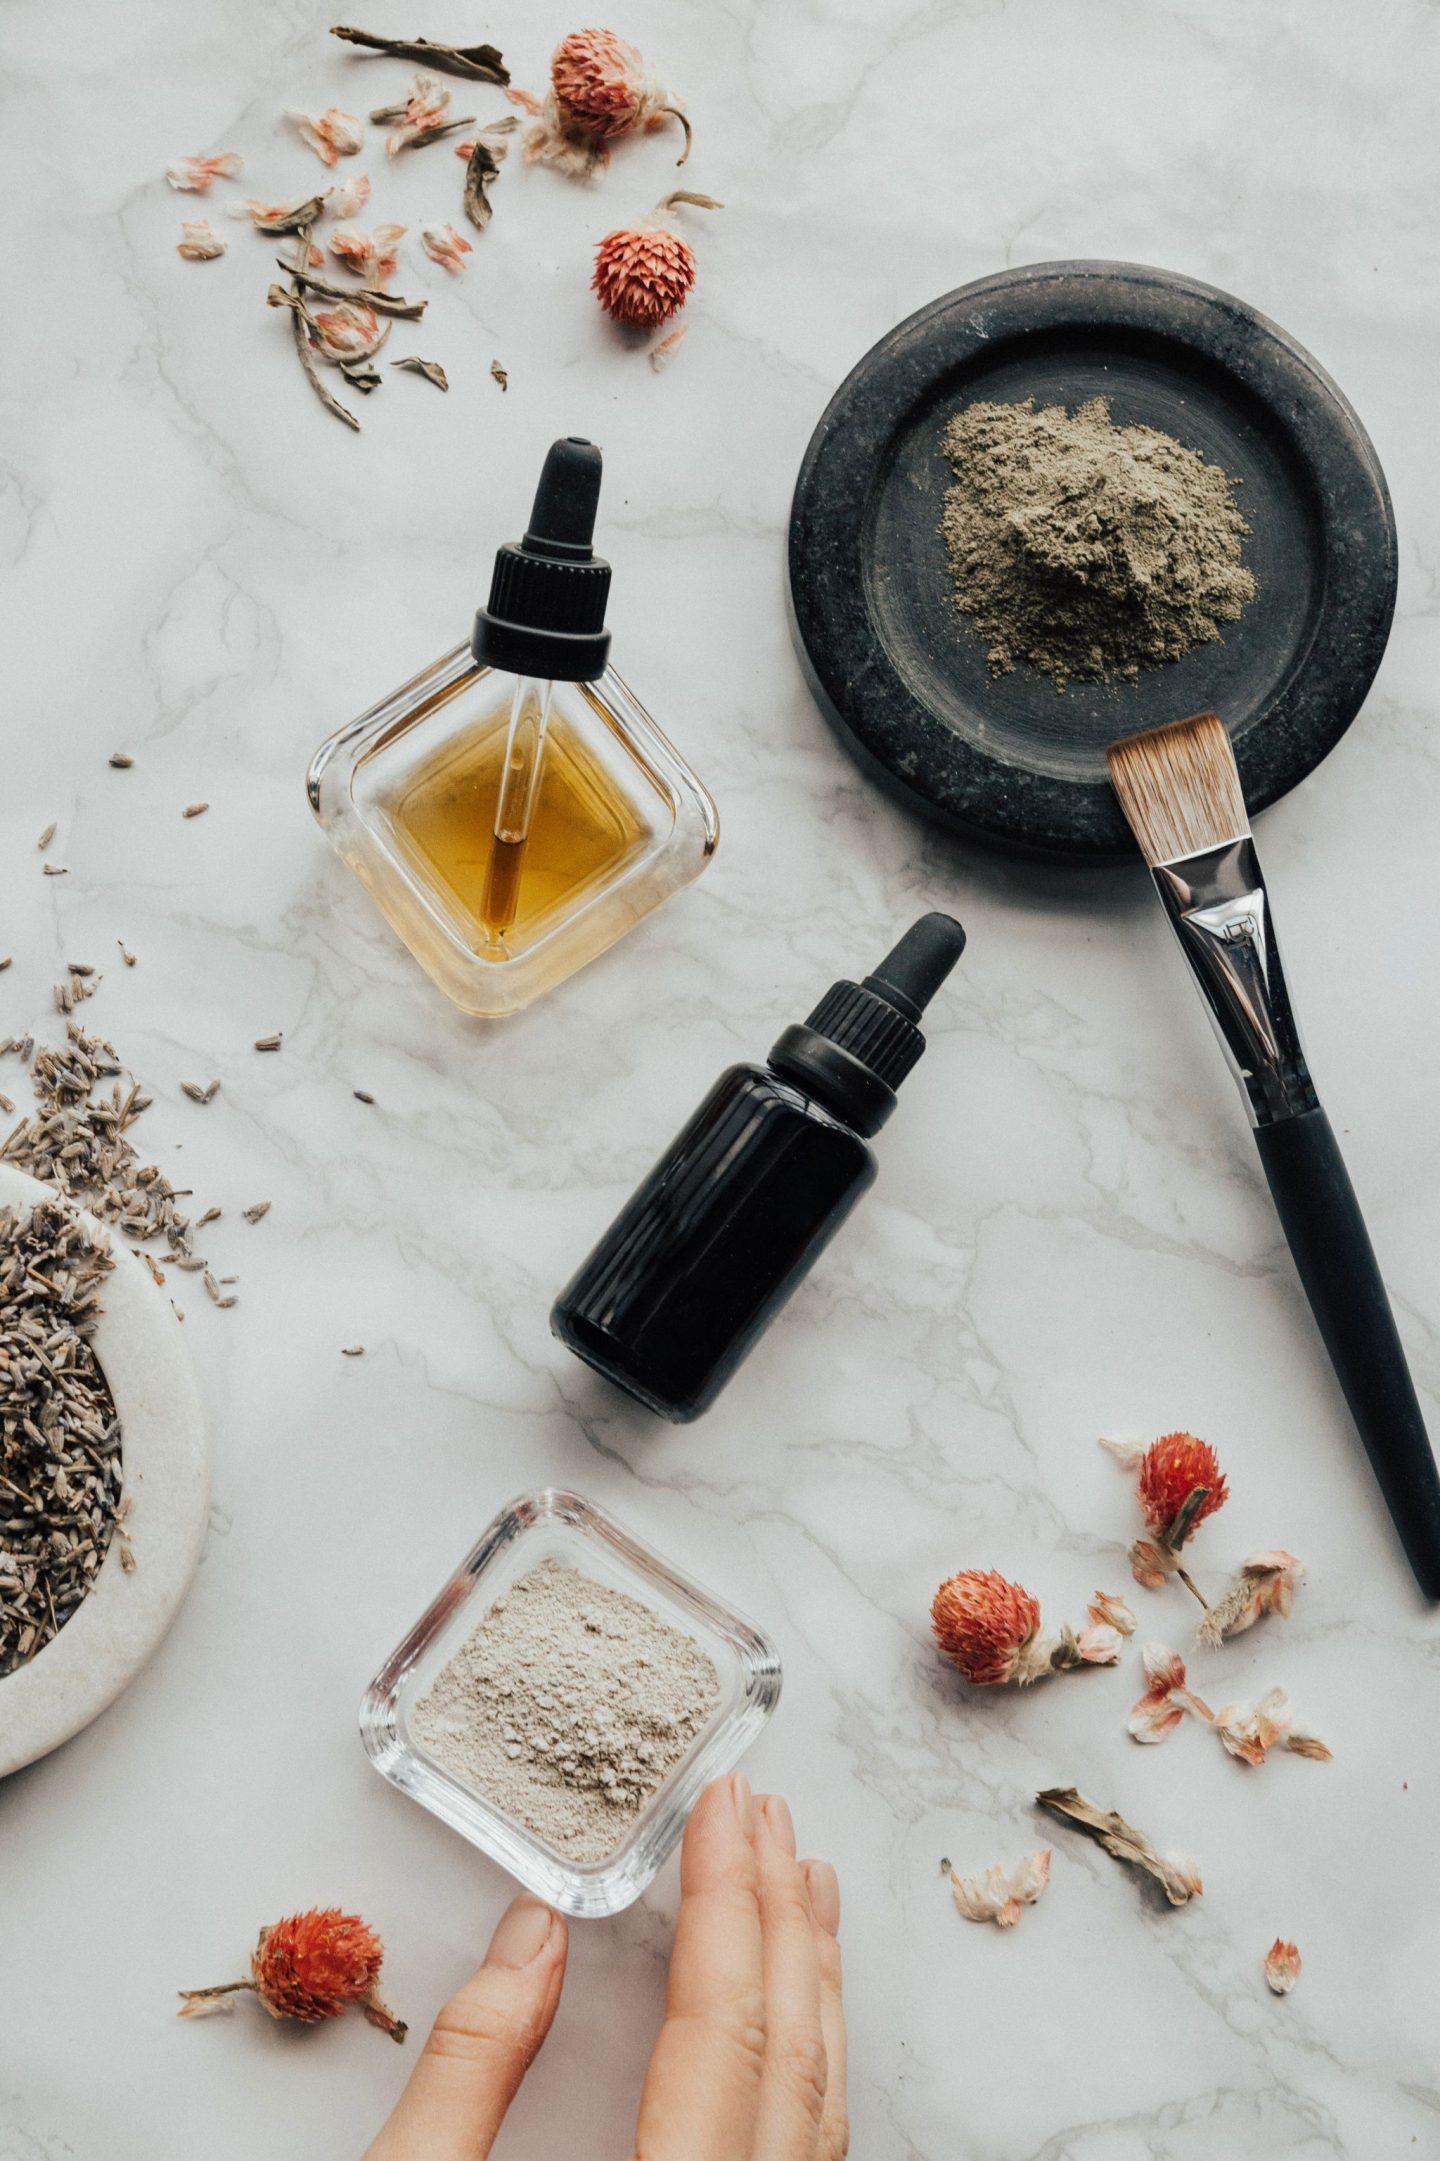 aroma-aromatherapy-aromatic-1619488